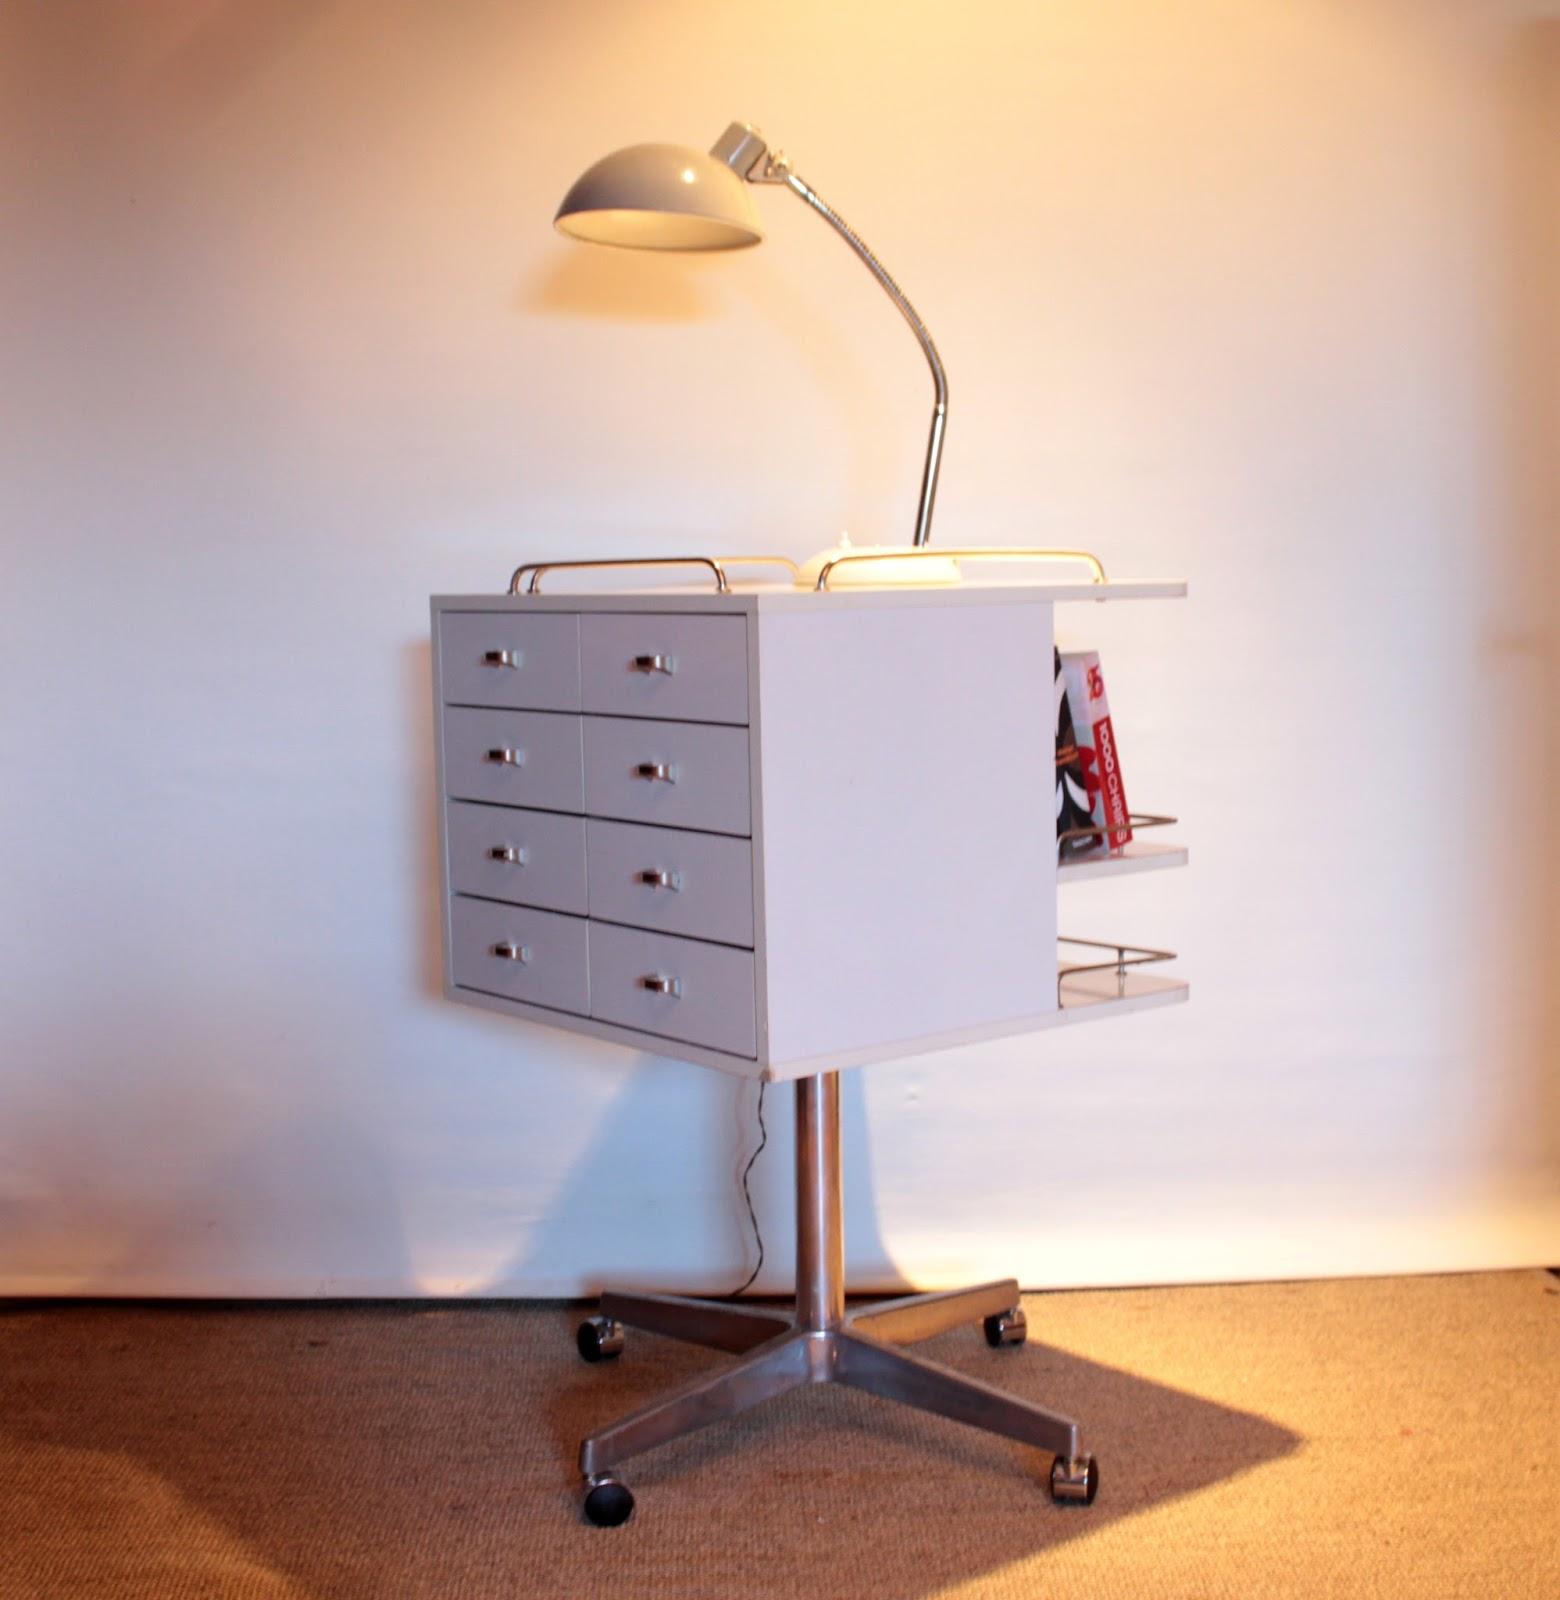 chicbaazar objets vintage 50 60 70 meuble m dical de dentiste vintage rotatif. Black Bedroom Furniture Sets. Home Design Ideas